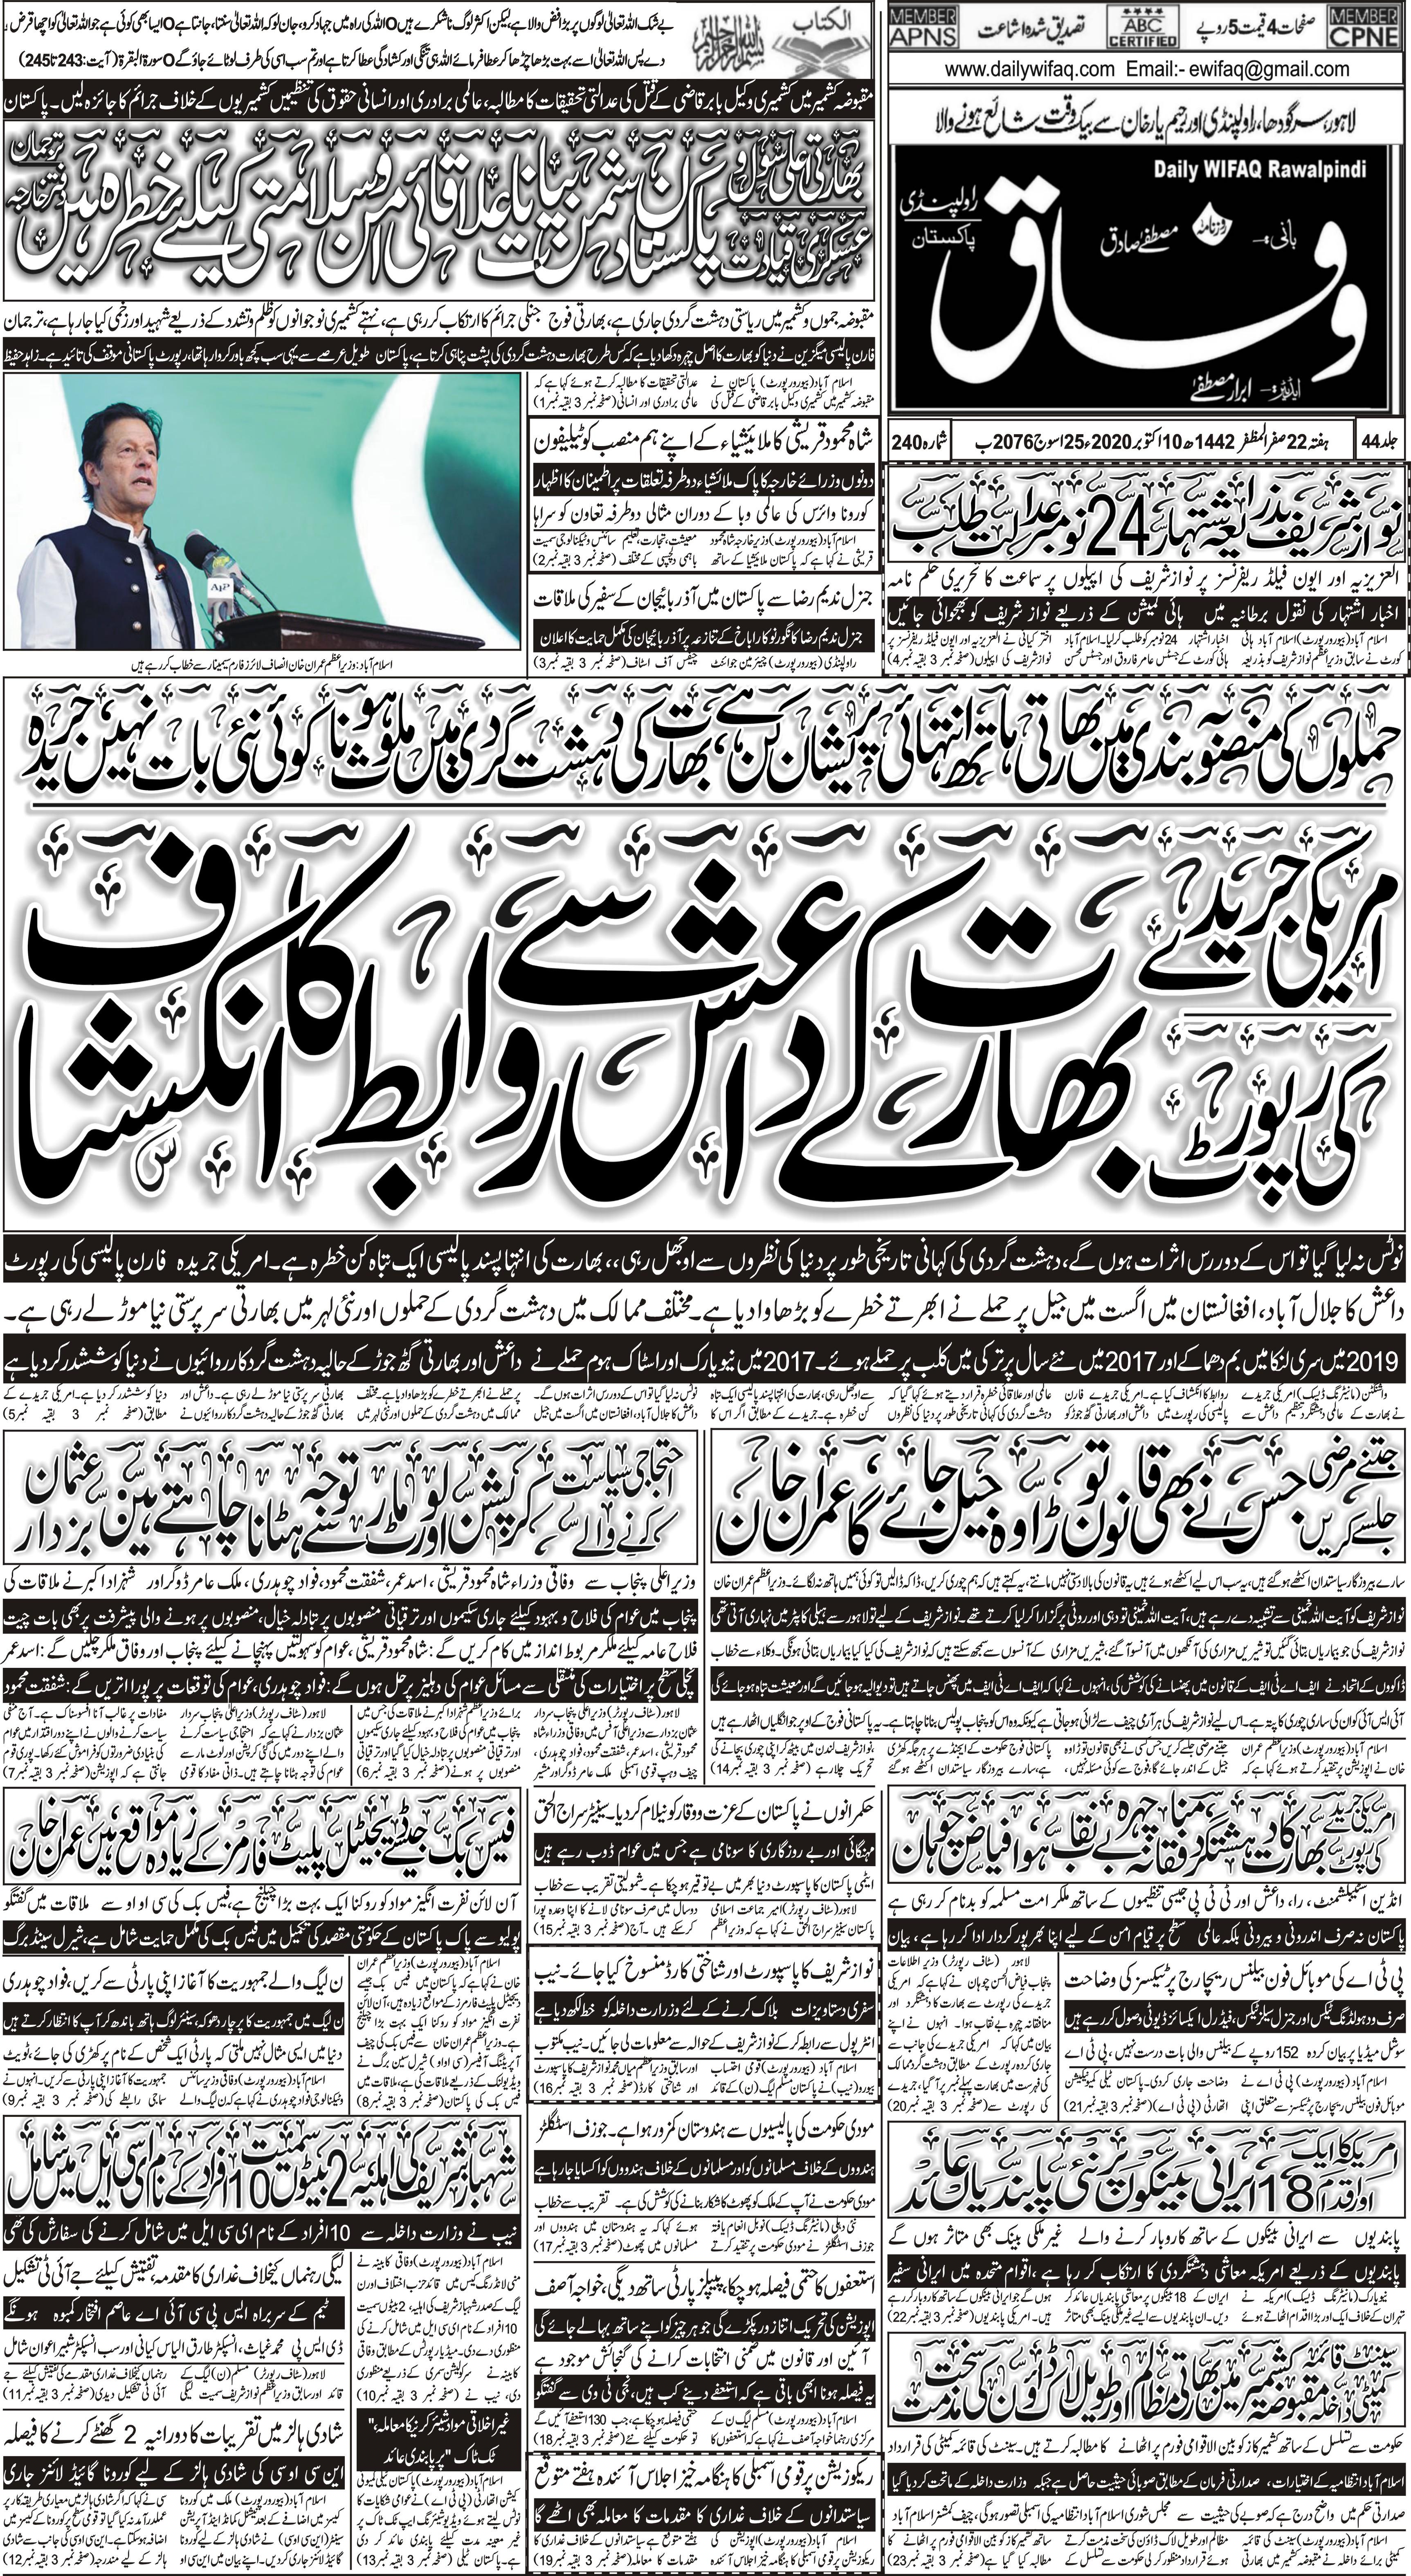 e-Paper – Daily Wifaq – Rawalpindi – 10-10-2020